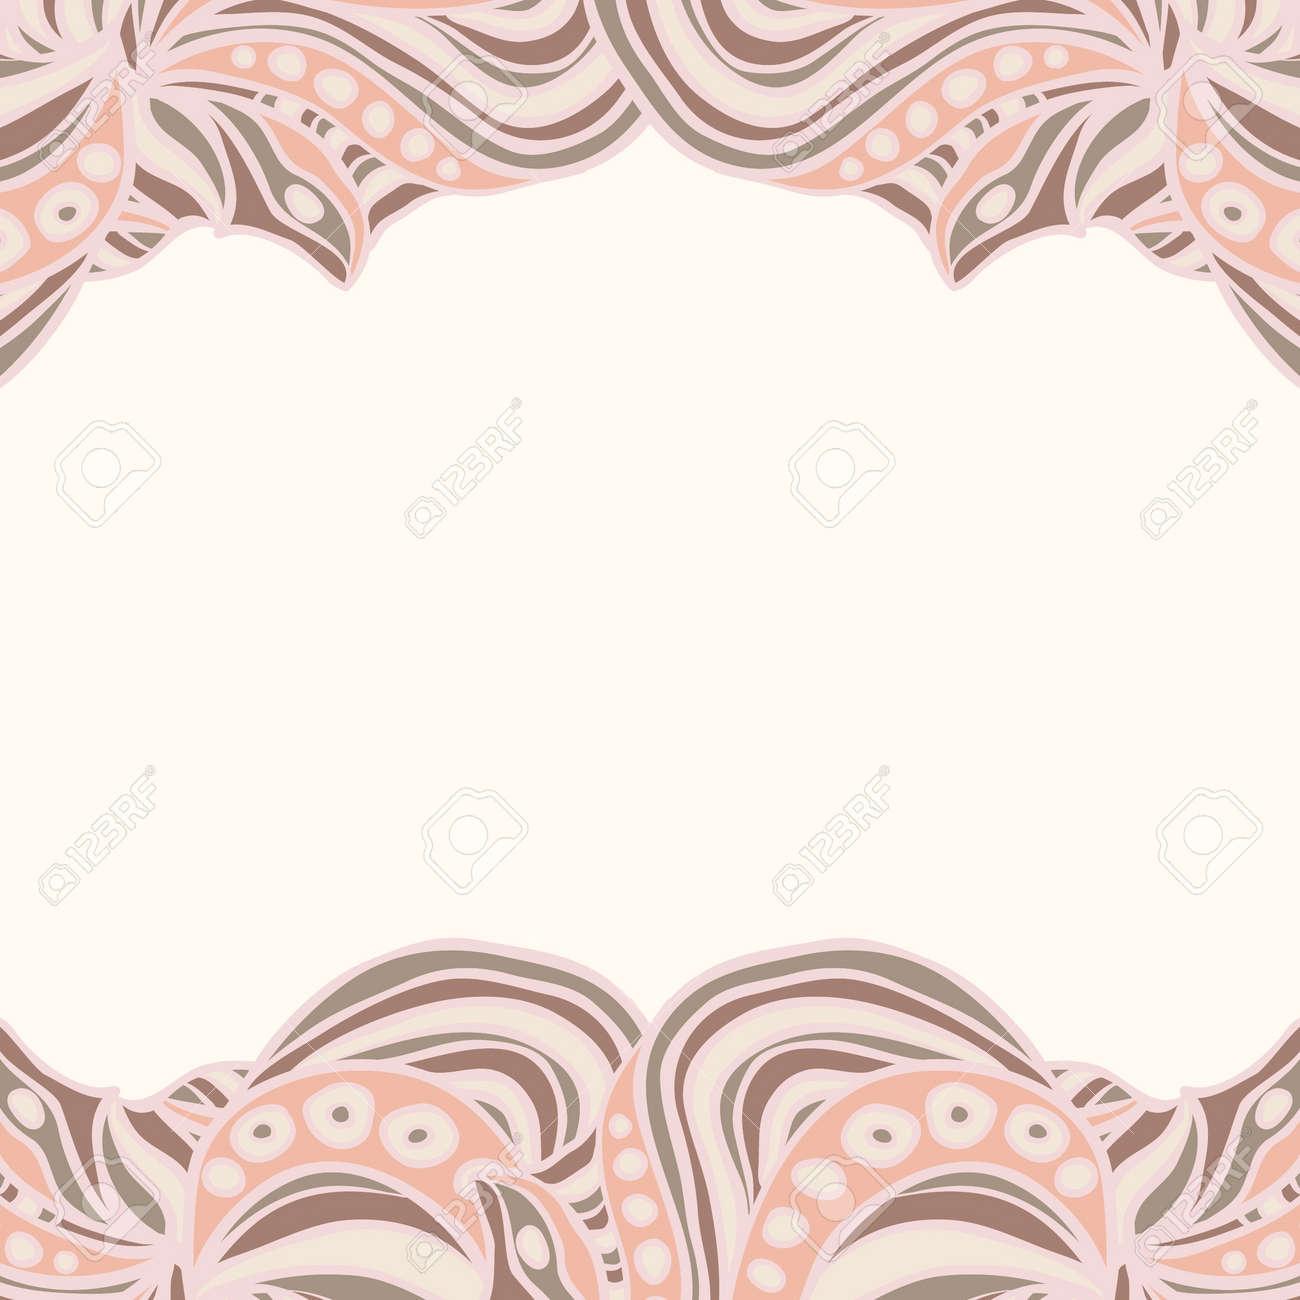 Bordi In Carta Da Parati.Bordi Rosa Con Ornamento Astratto Modello Puo Essere Usato Come Carta Da Parati Sfondo Della Pagina Web Invito Carta Di Design Ecc